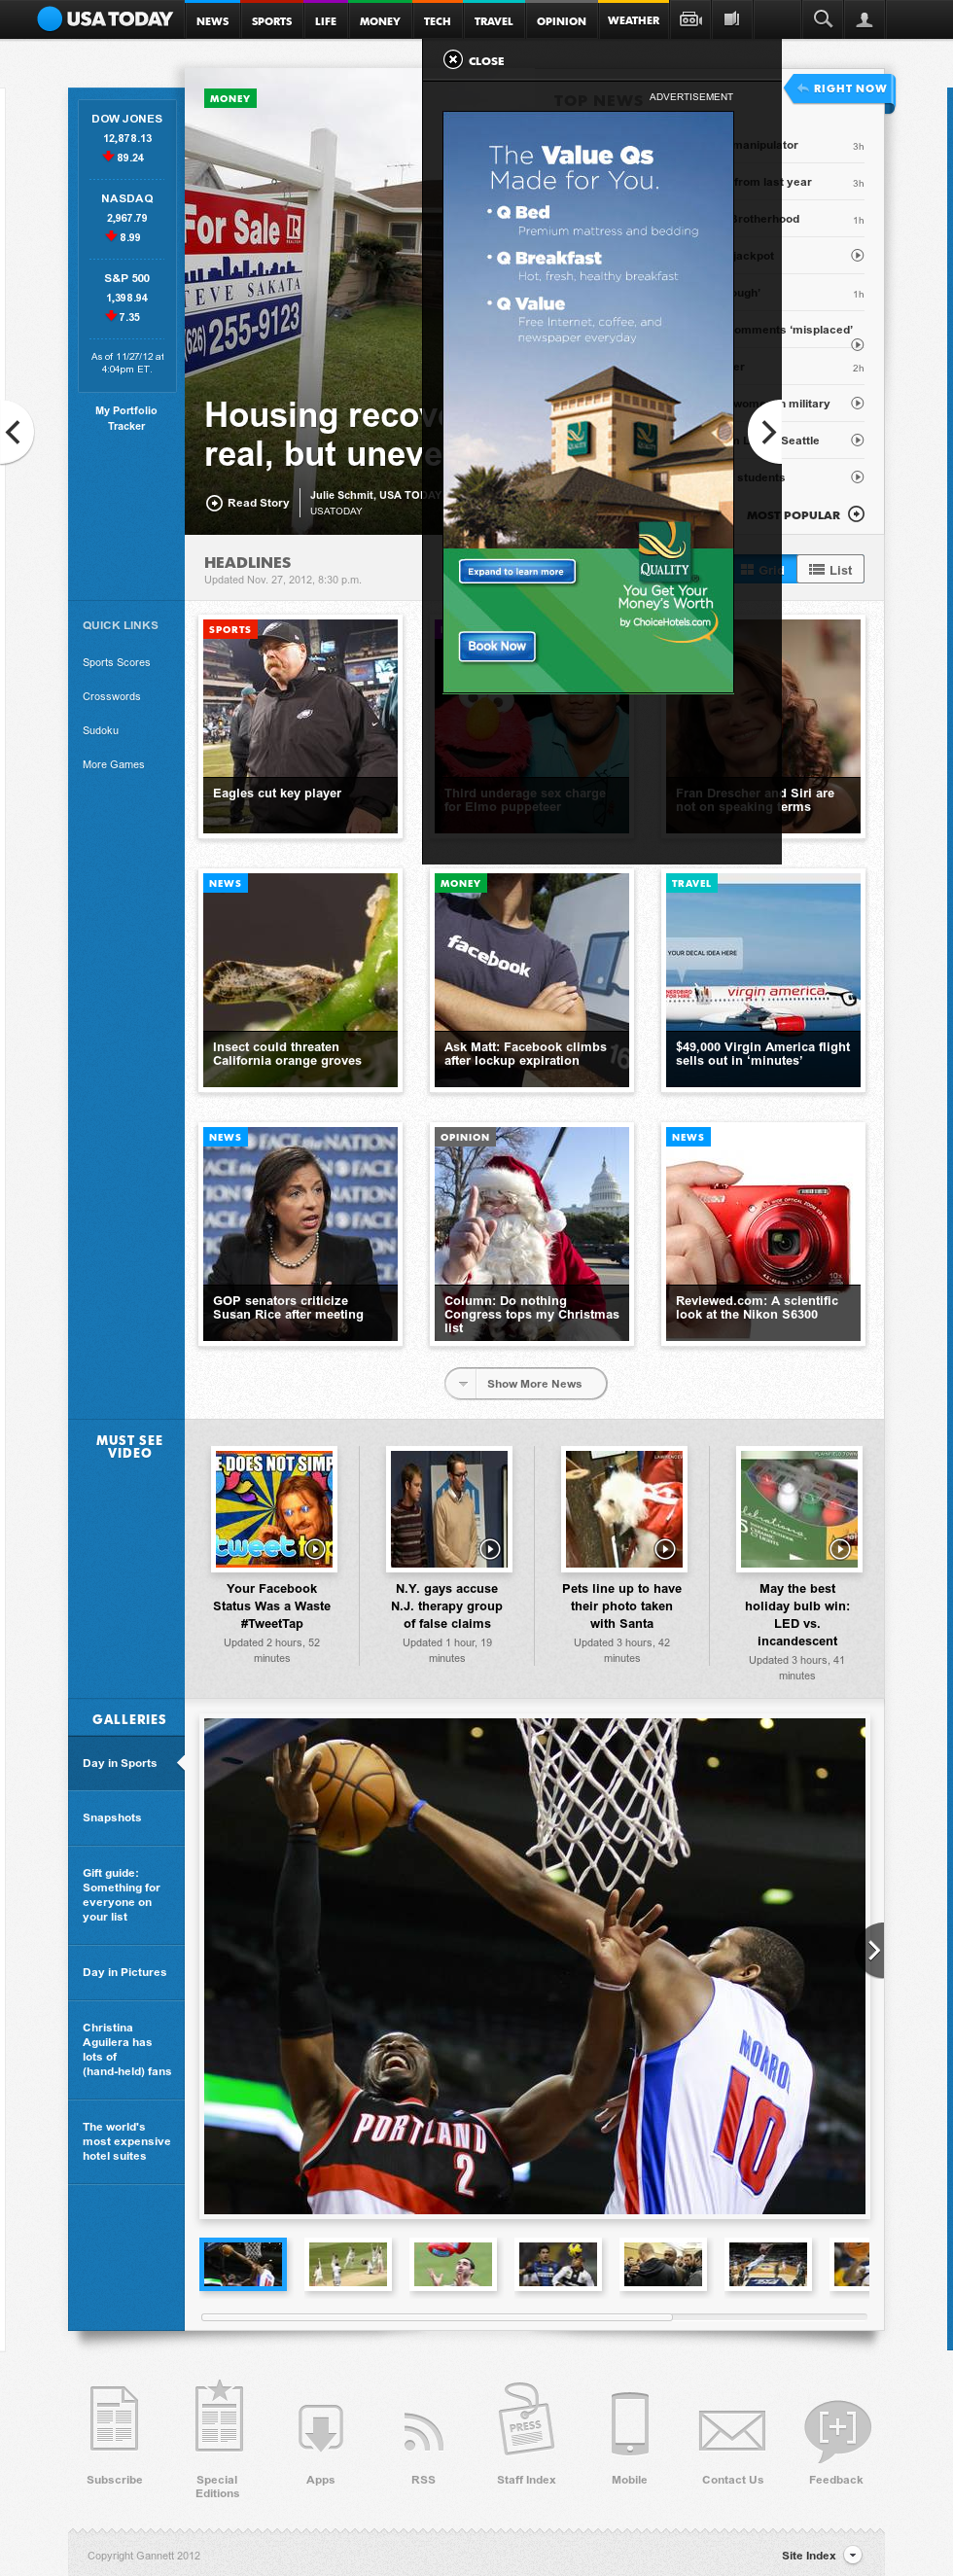 USA Today at Wednesday Nov. 28, 2012, 1:38 a.m. UTC